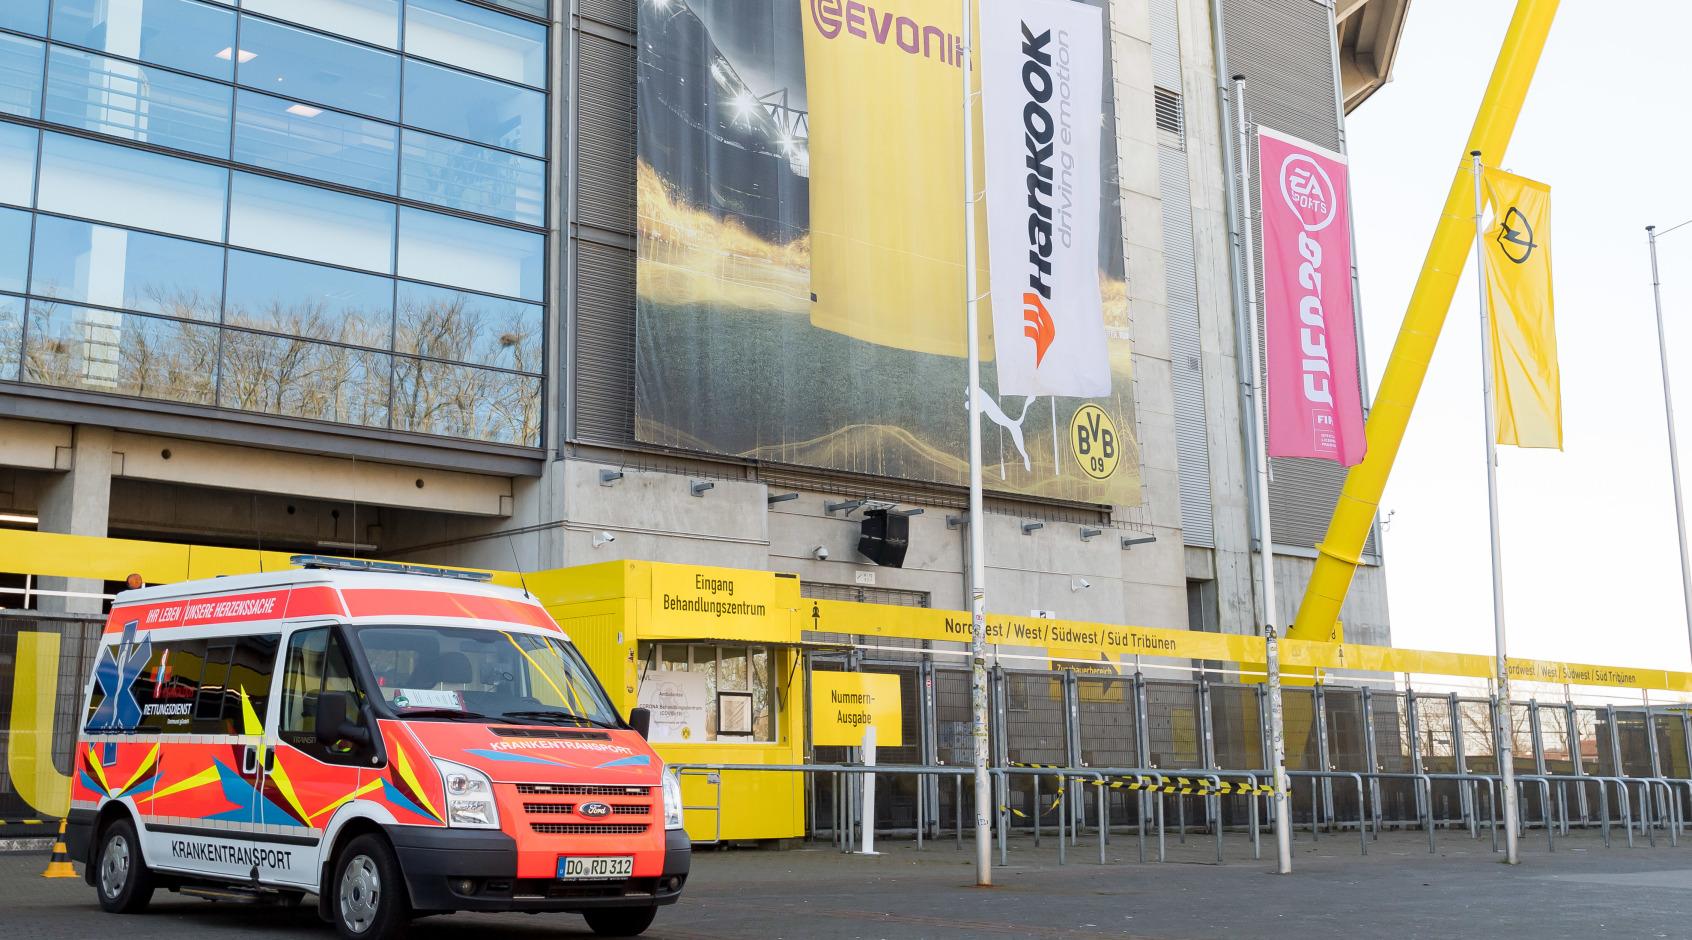 Возобновление чемпионата Германии 9 мая под угрозой срыва